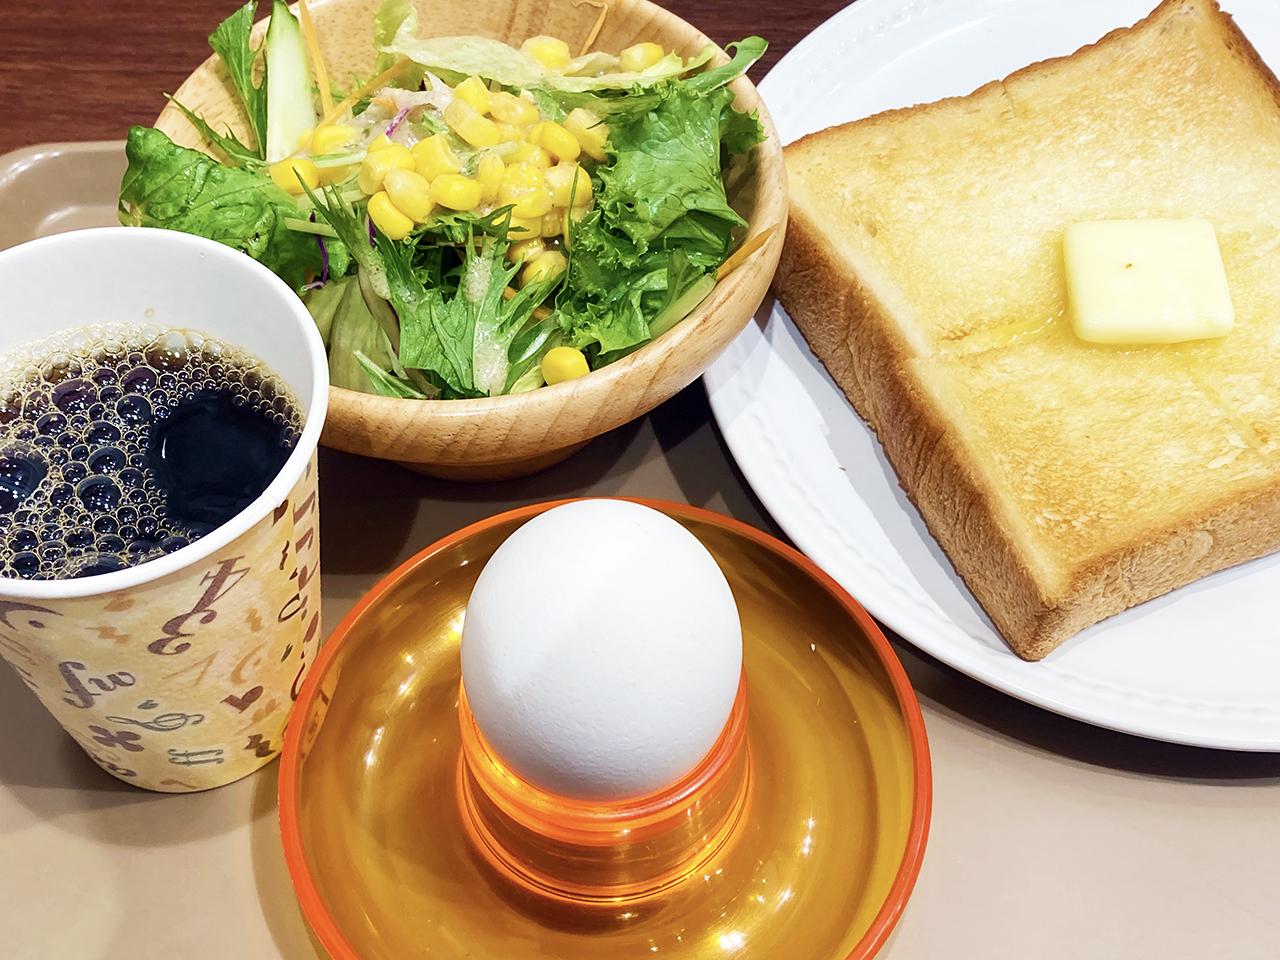 多摩センターでしっかり朝ごはん♪パン工房ベルベのモーニング